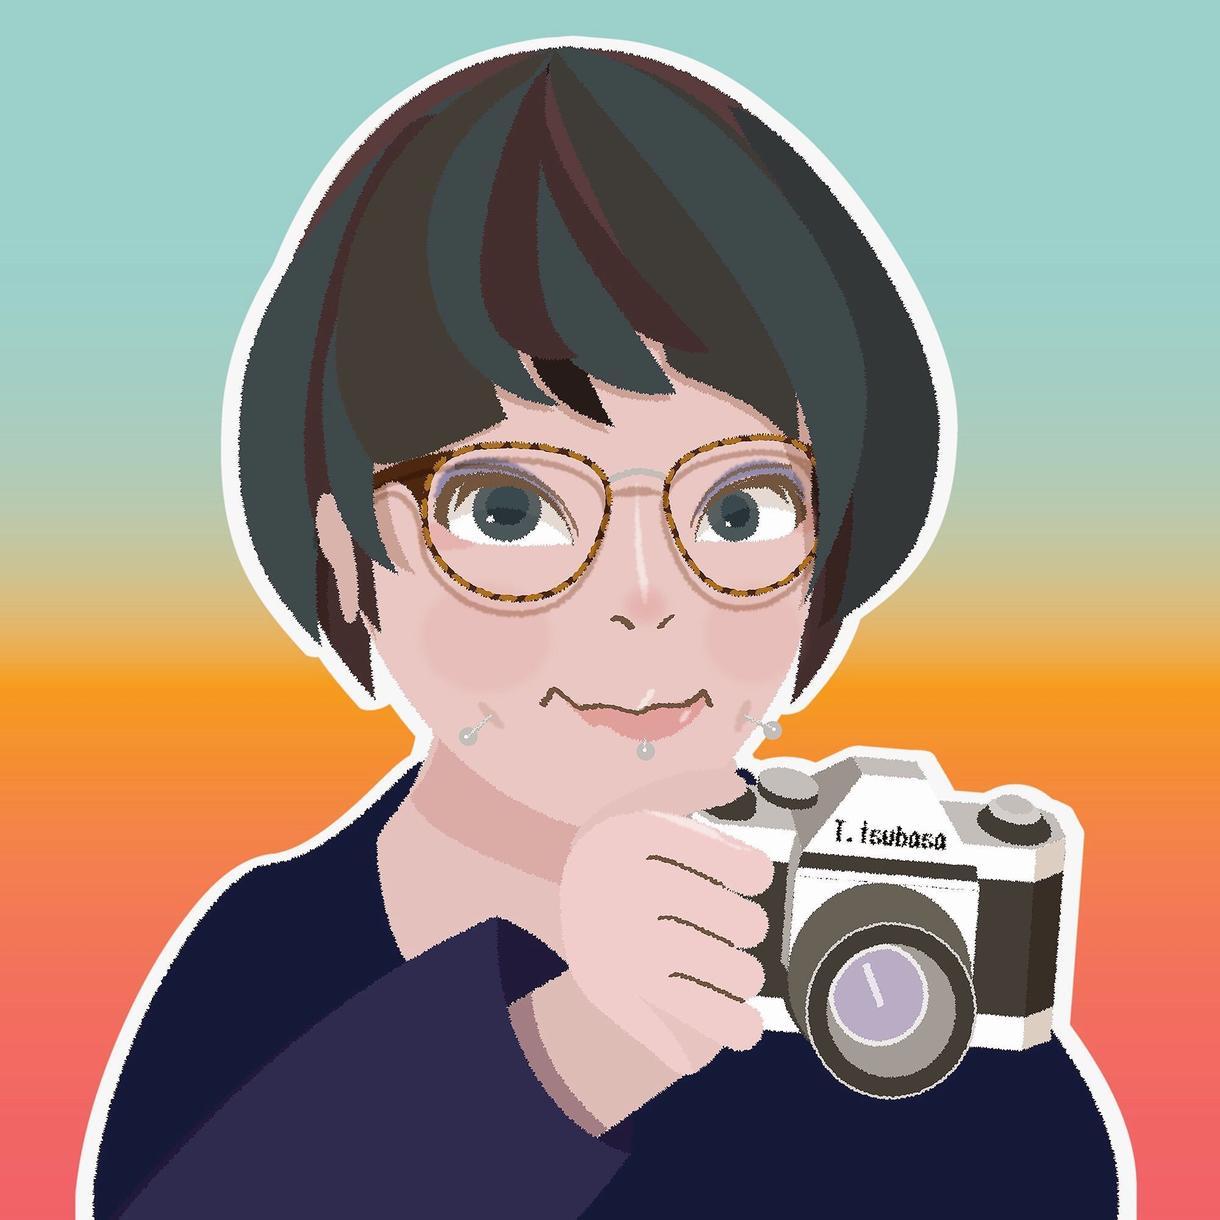 あなたをPRするイラストを描きます 写真以外に自分を表す個性的なビジュアルが欲しい方へ